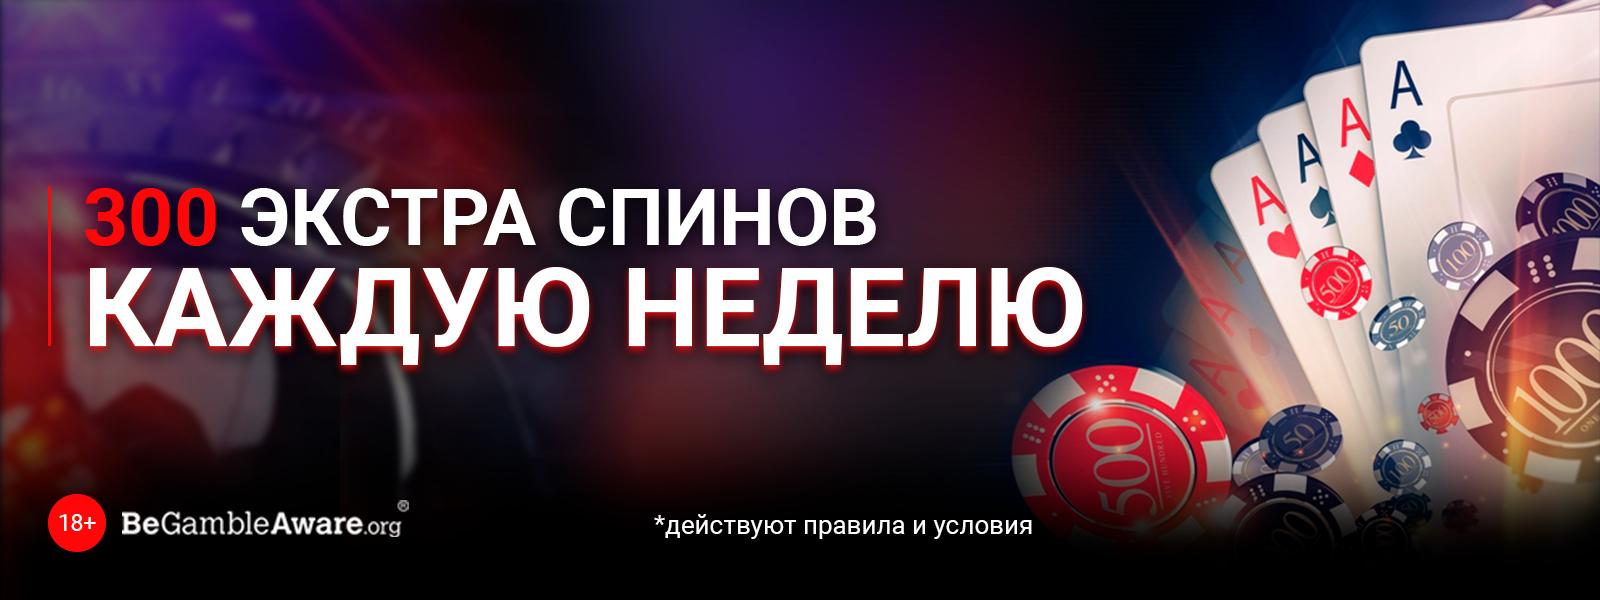 Wide big 1600 x 600 casino 2 ru